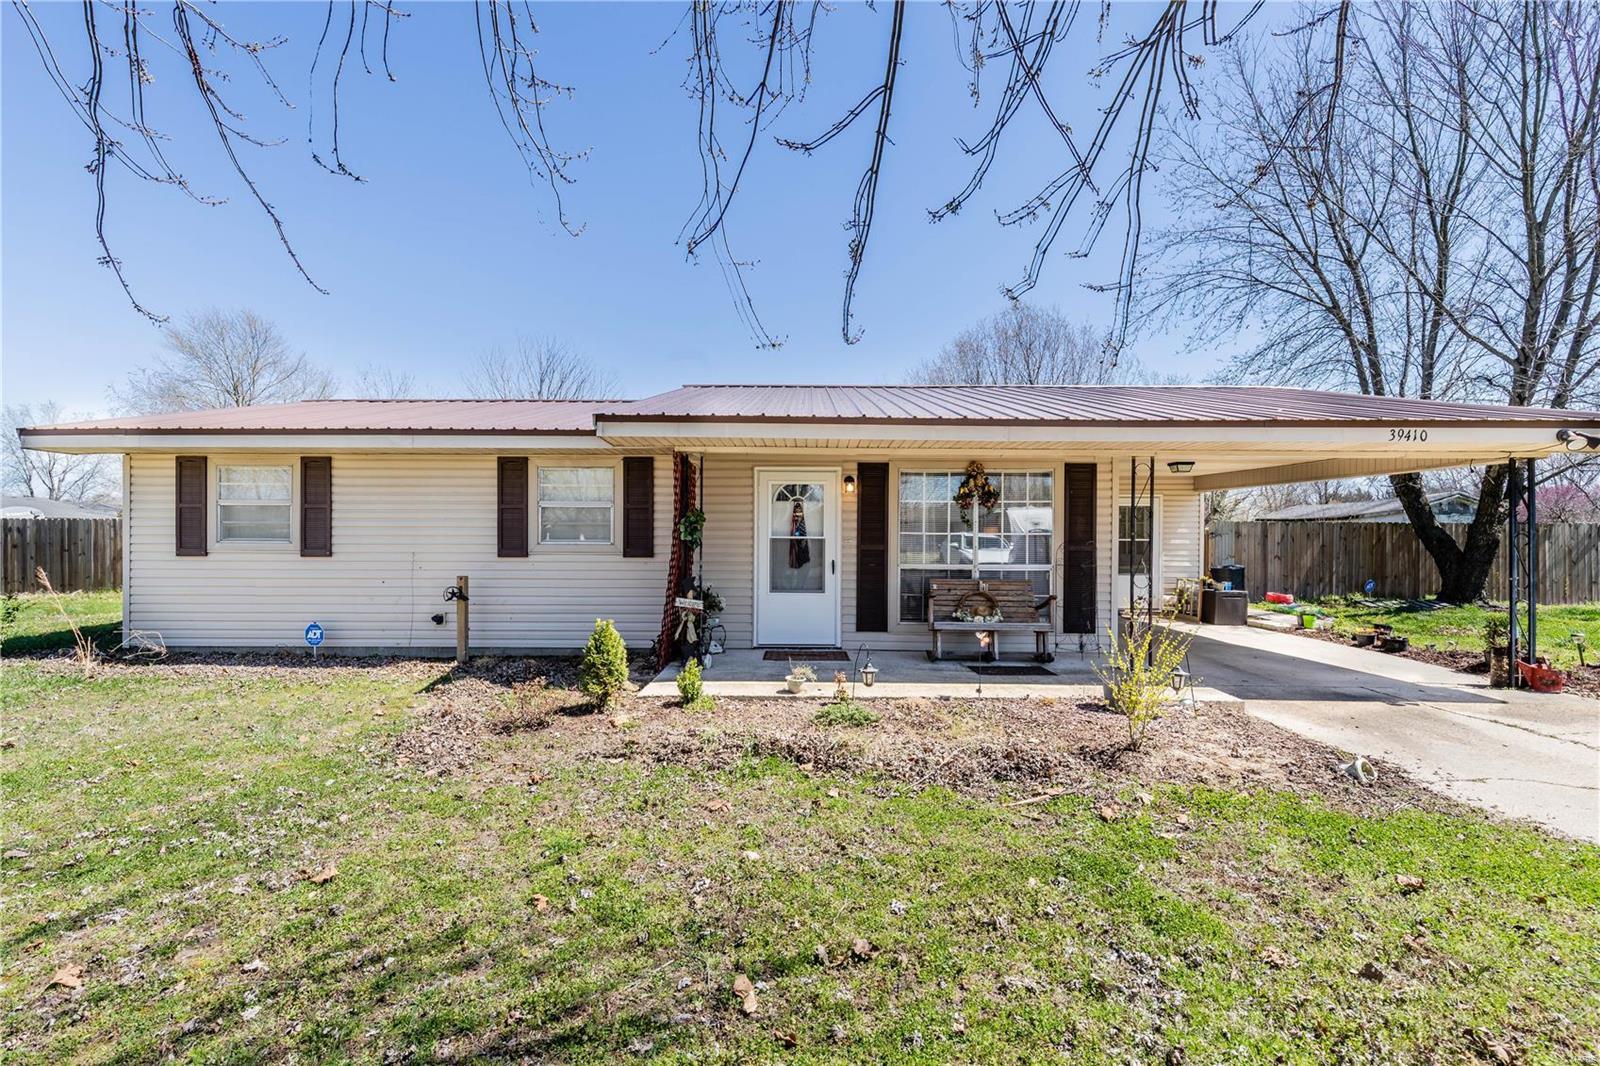 39410 W Sue Drive Property Photo - Malden, MO real estate listing